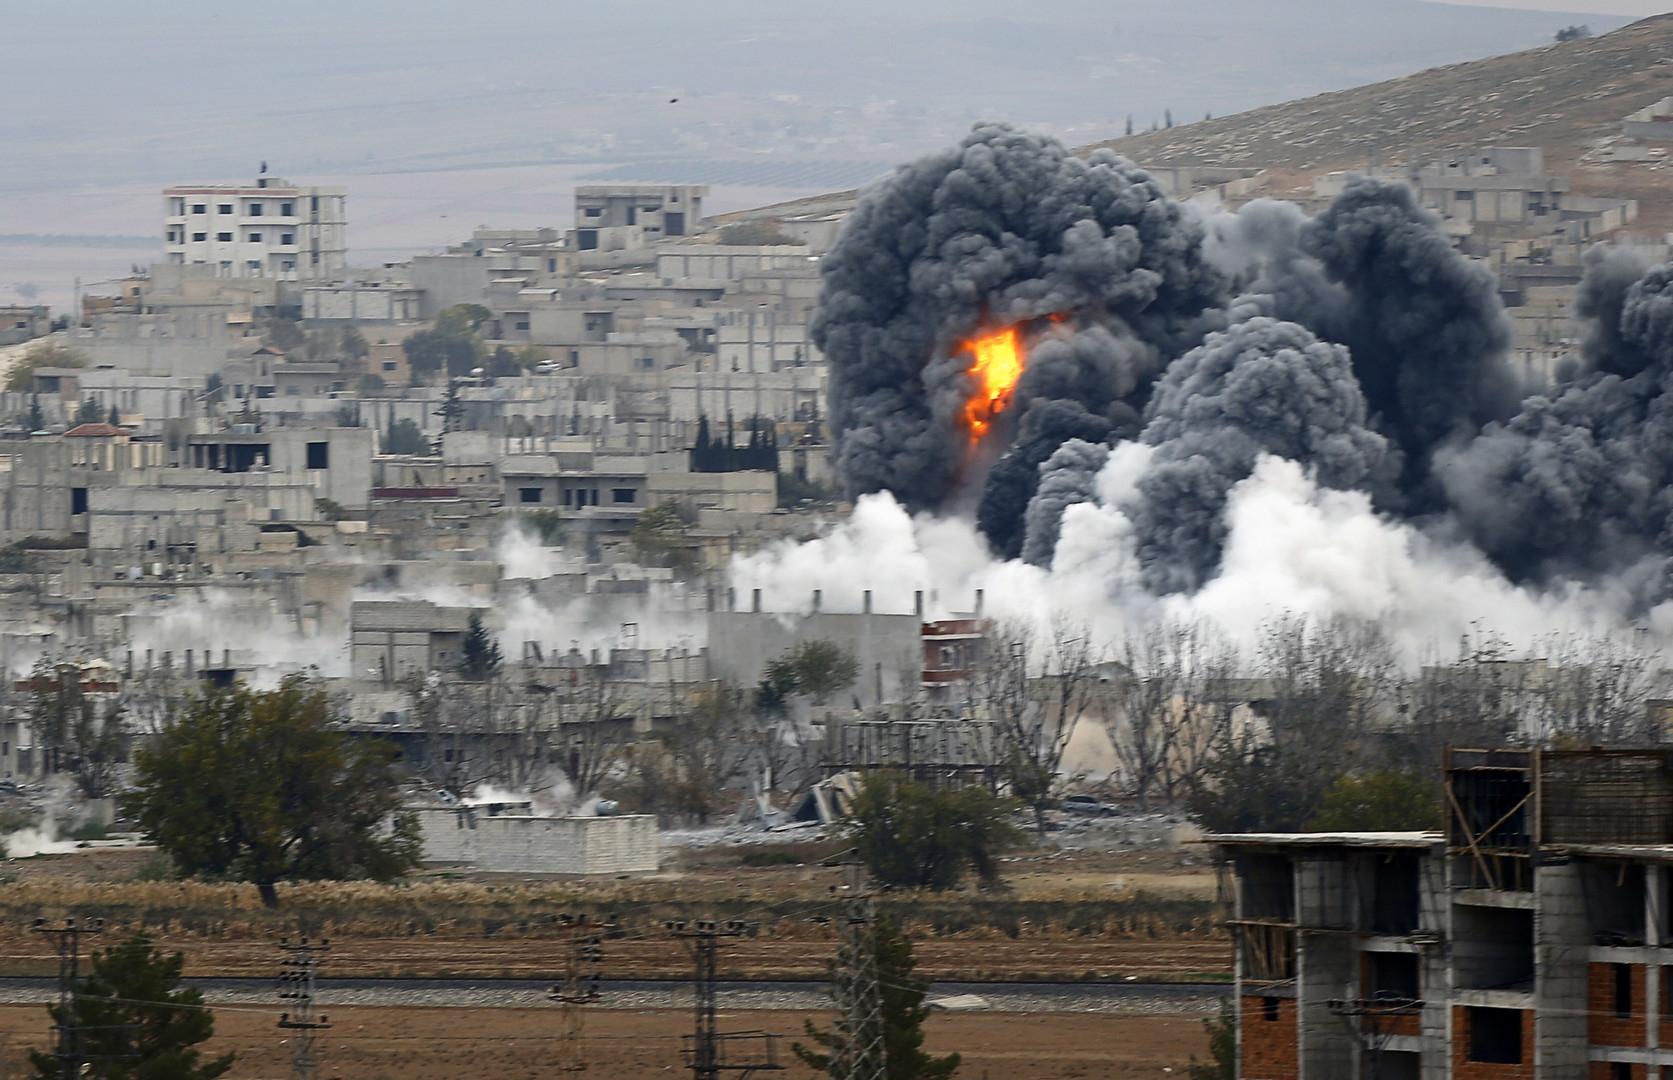 الجيش الأمريكي يقر بمقتل 54 مدنياً بضربات جوية في سوريا  والعراق